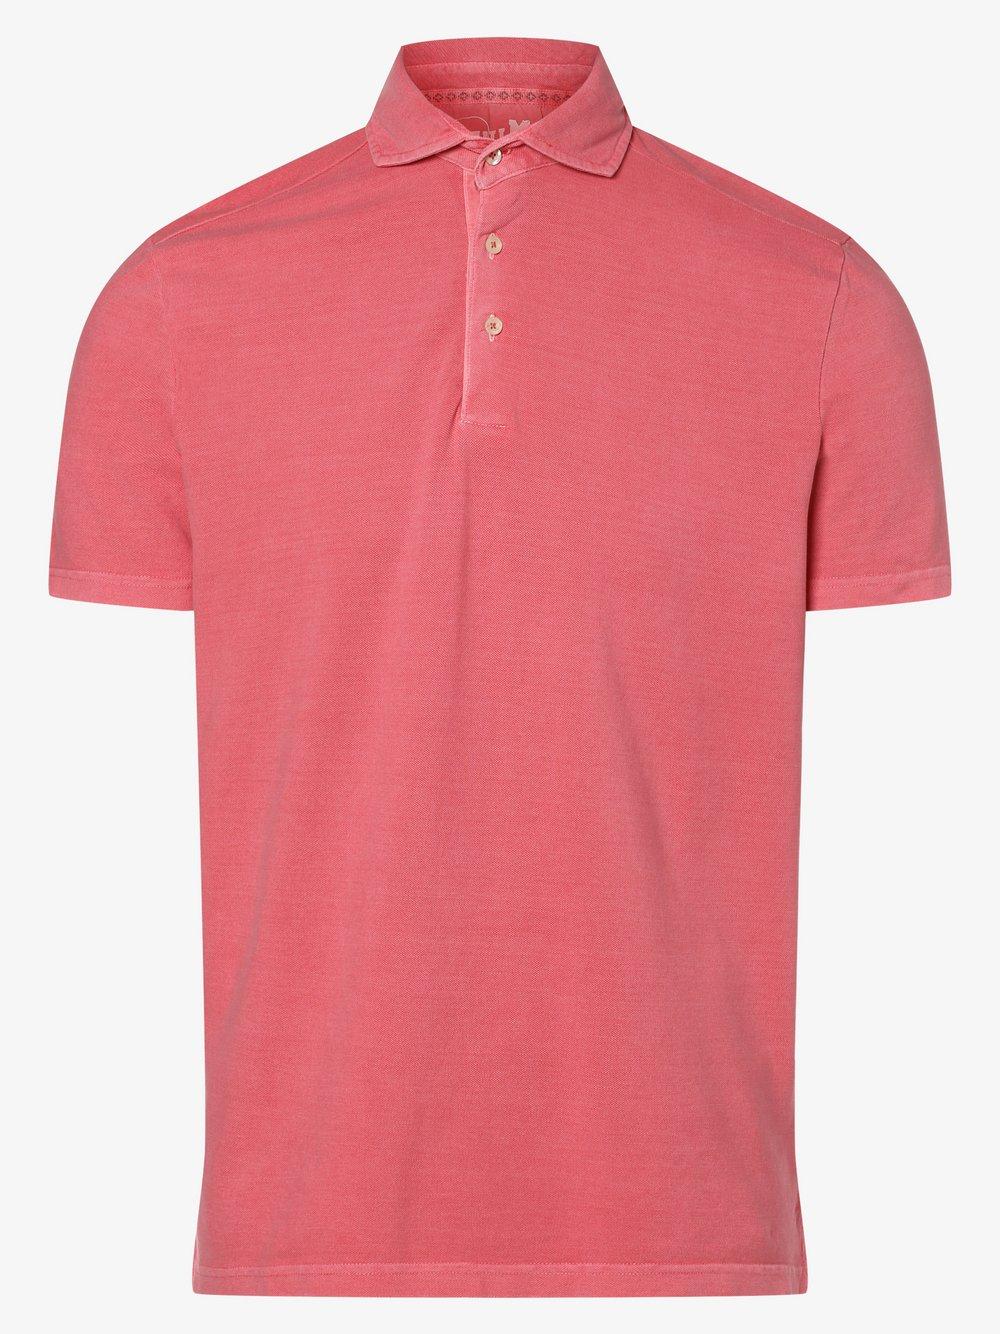 DENIM by Nils Sundström – Męska koszulka polo, różowy Van Graaf 472398-0008-09900